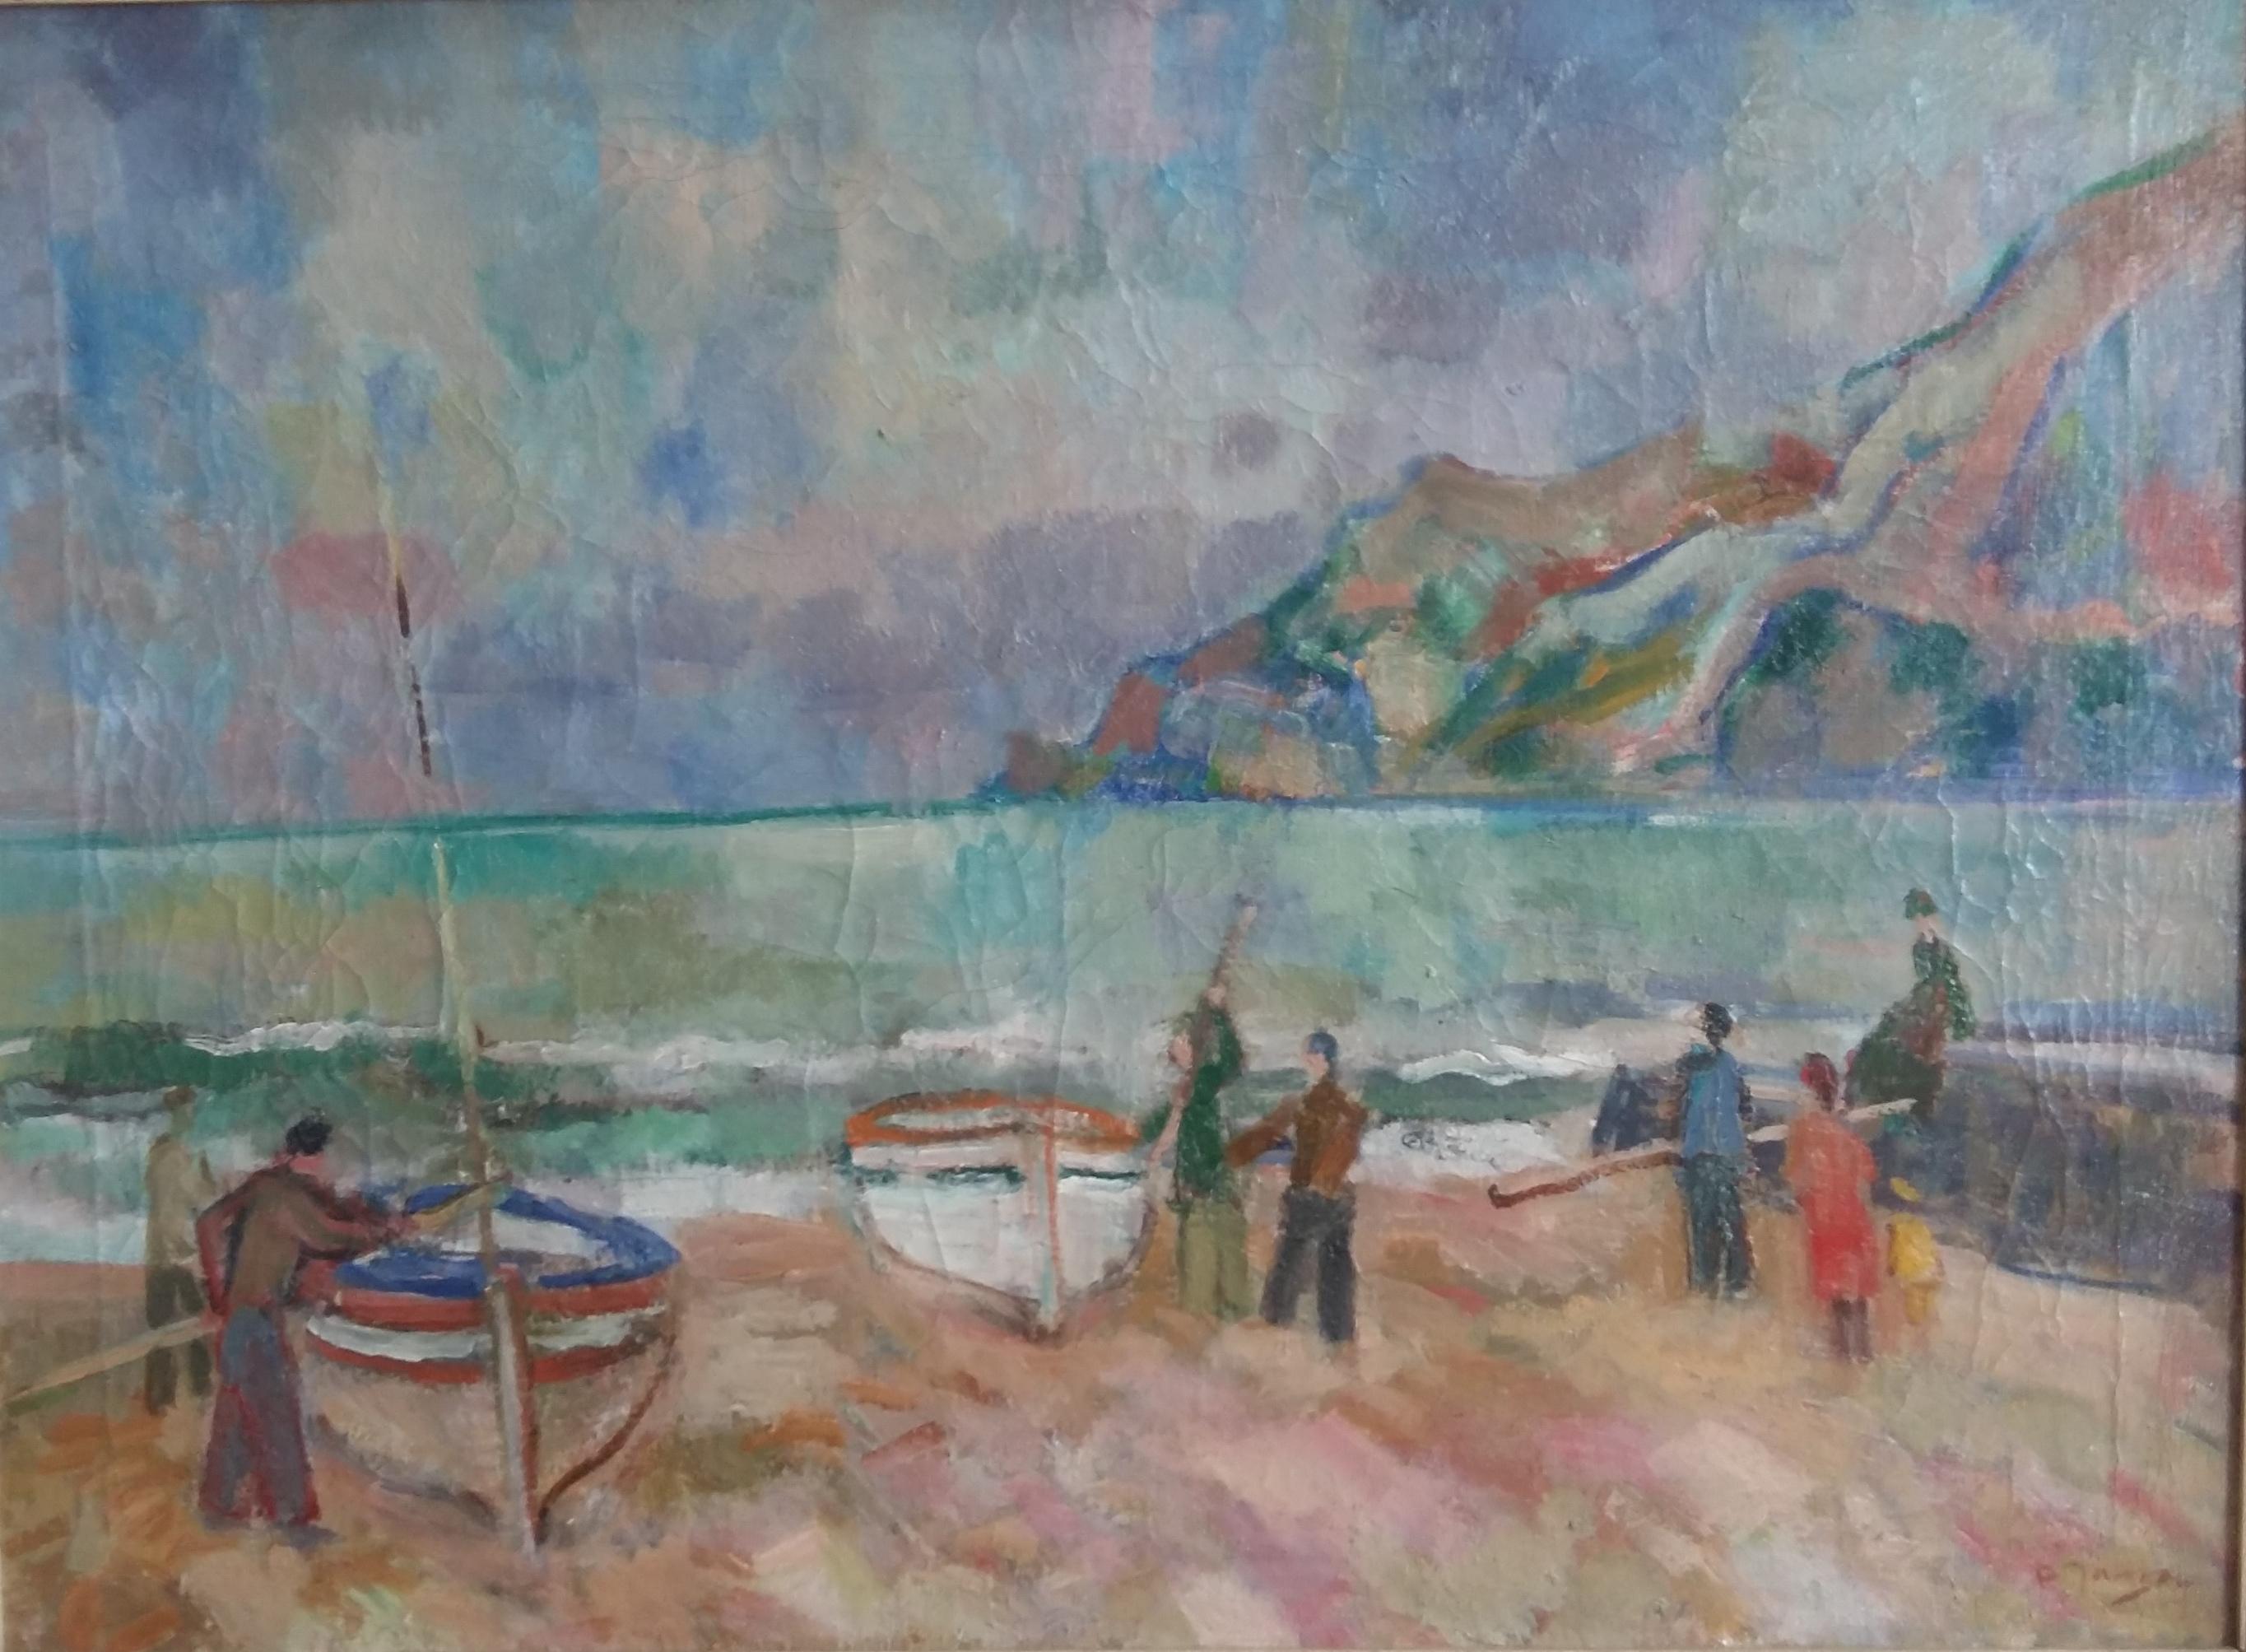 Mittelmeerszene, um 1930,  Gemälde von Peter Janssen, für vergrößerte Ansicht hier klicken!